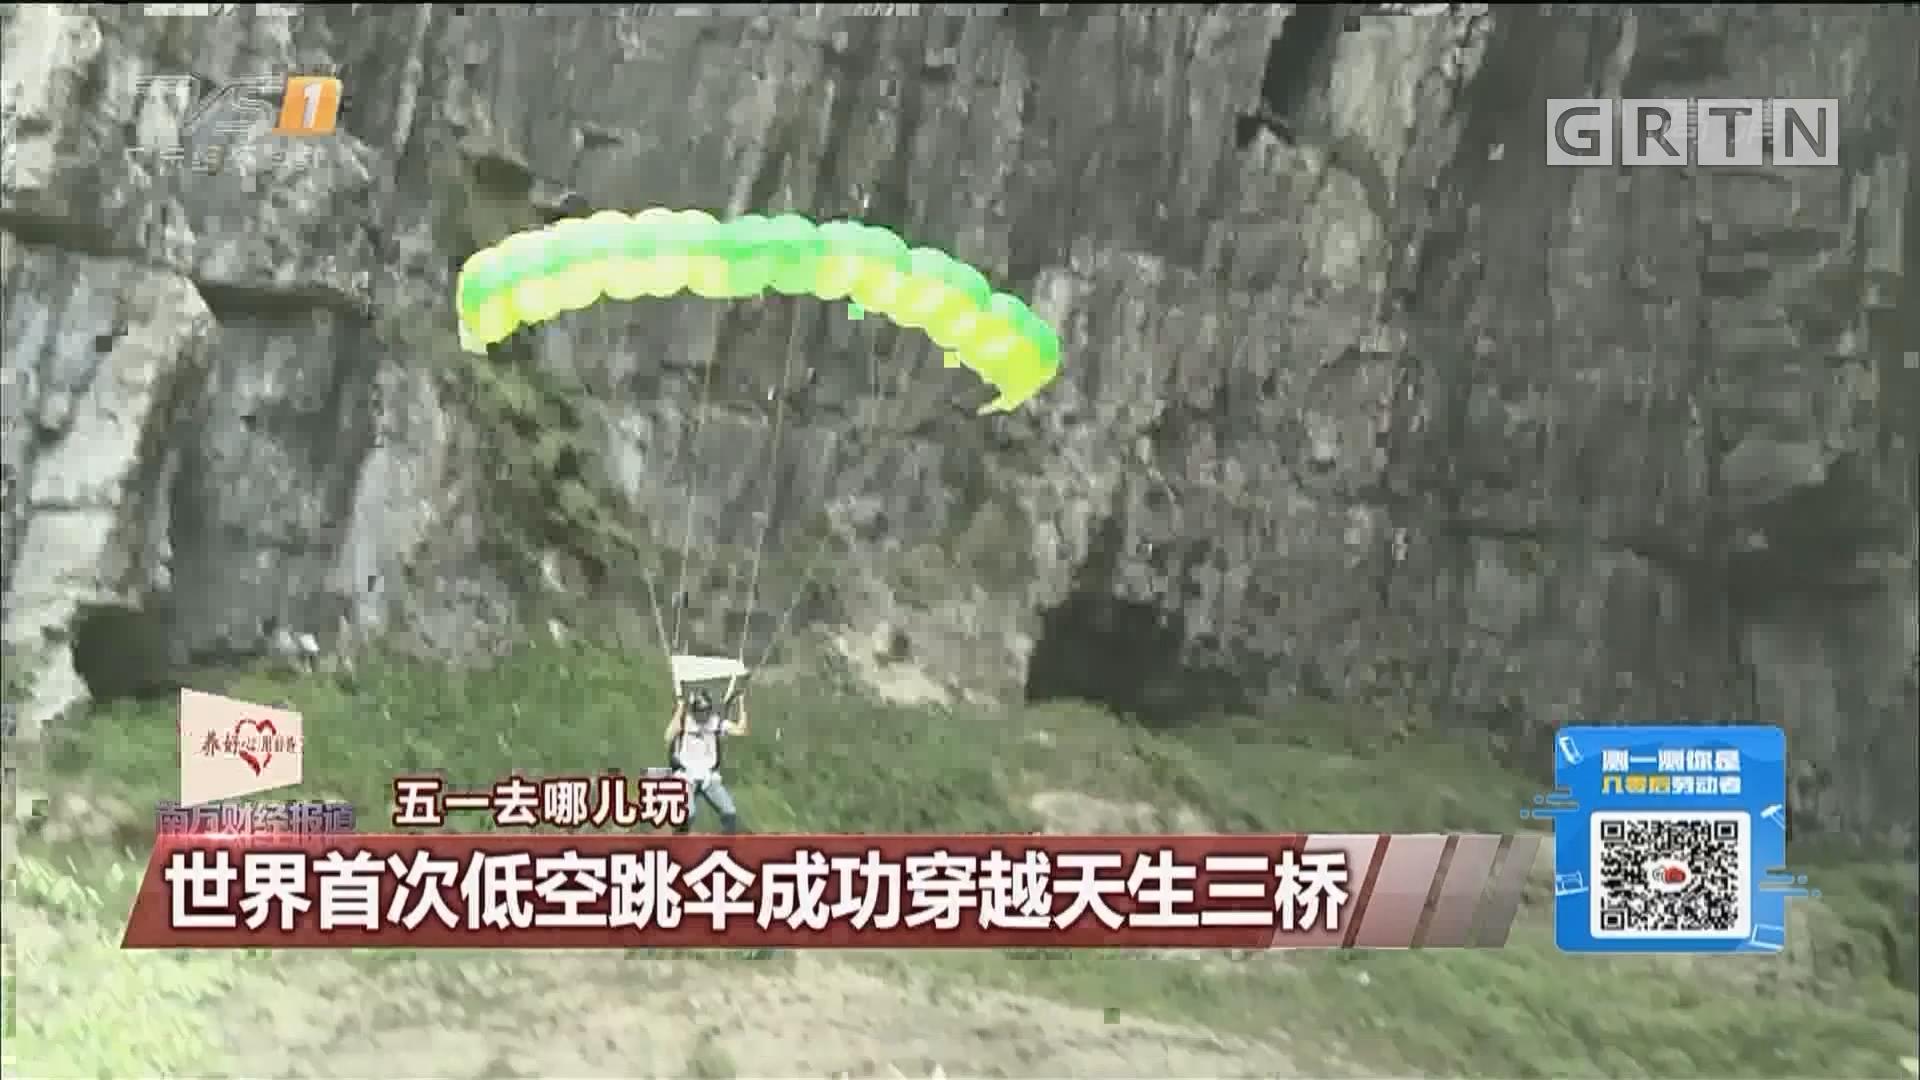 世界首次低空跳伞成功穿越天生三桥